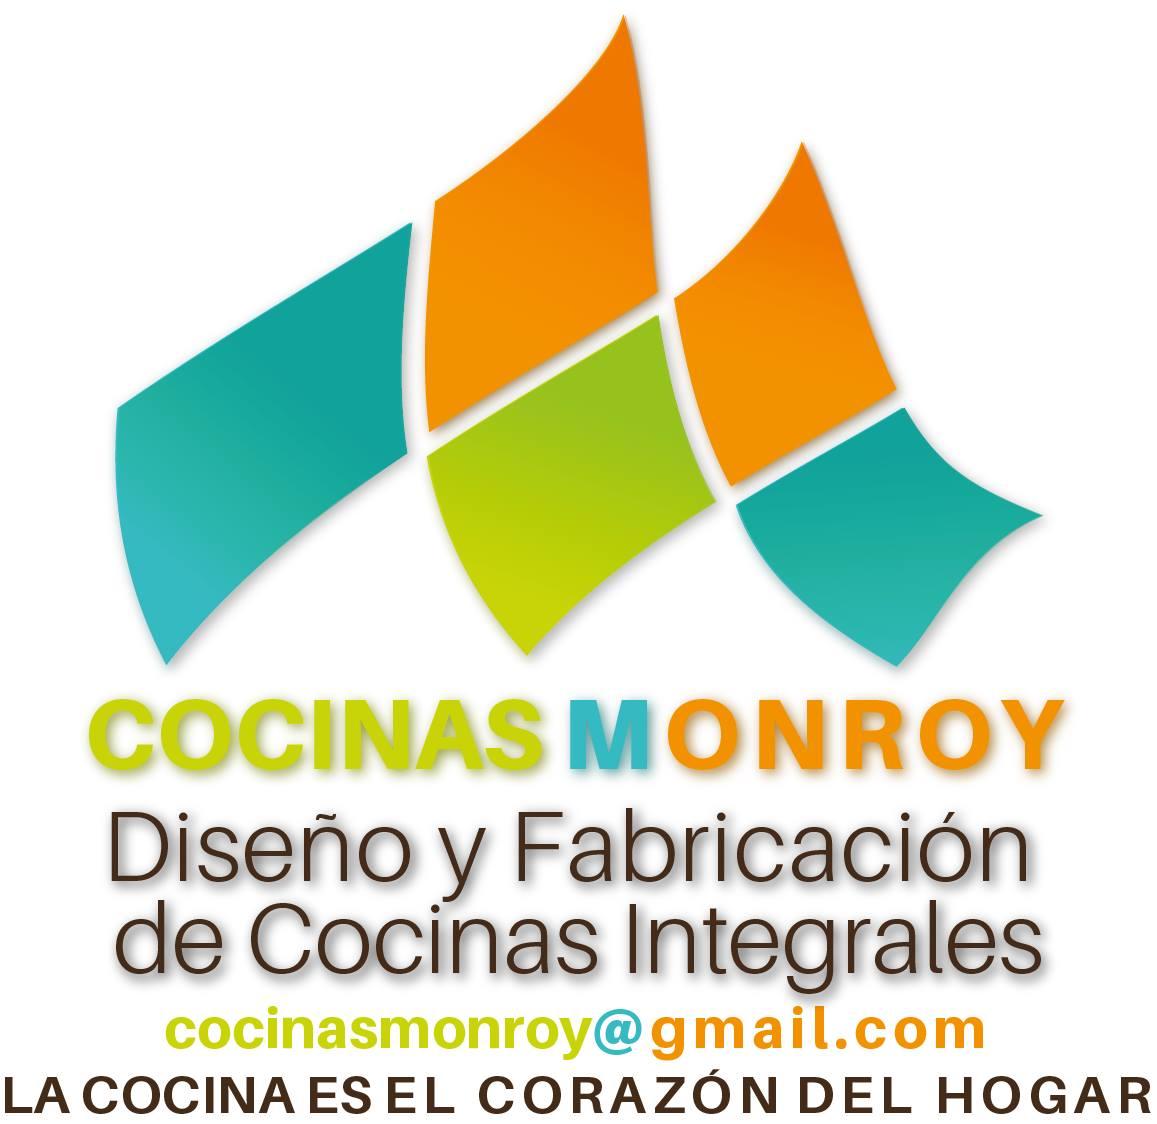 Cocinas Monroy